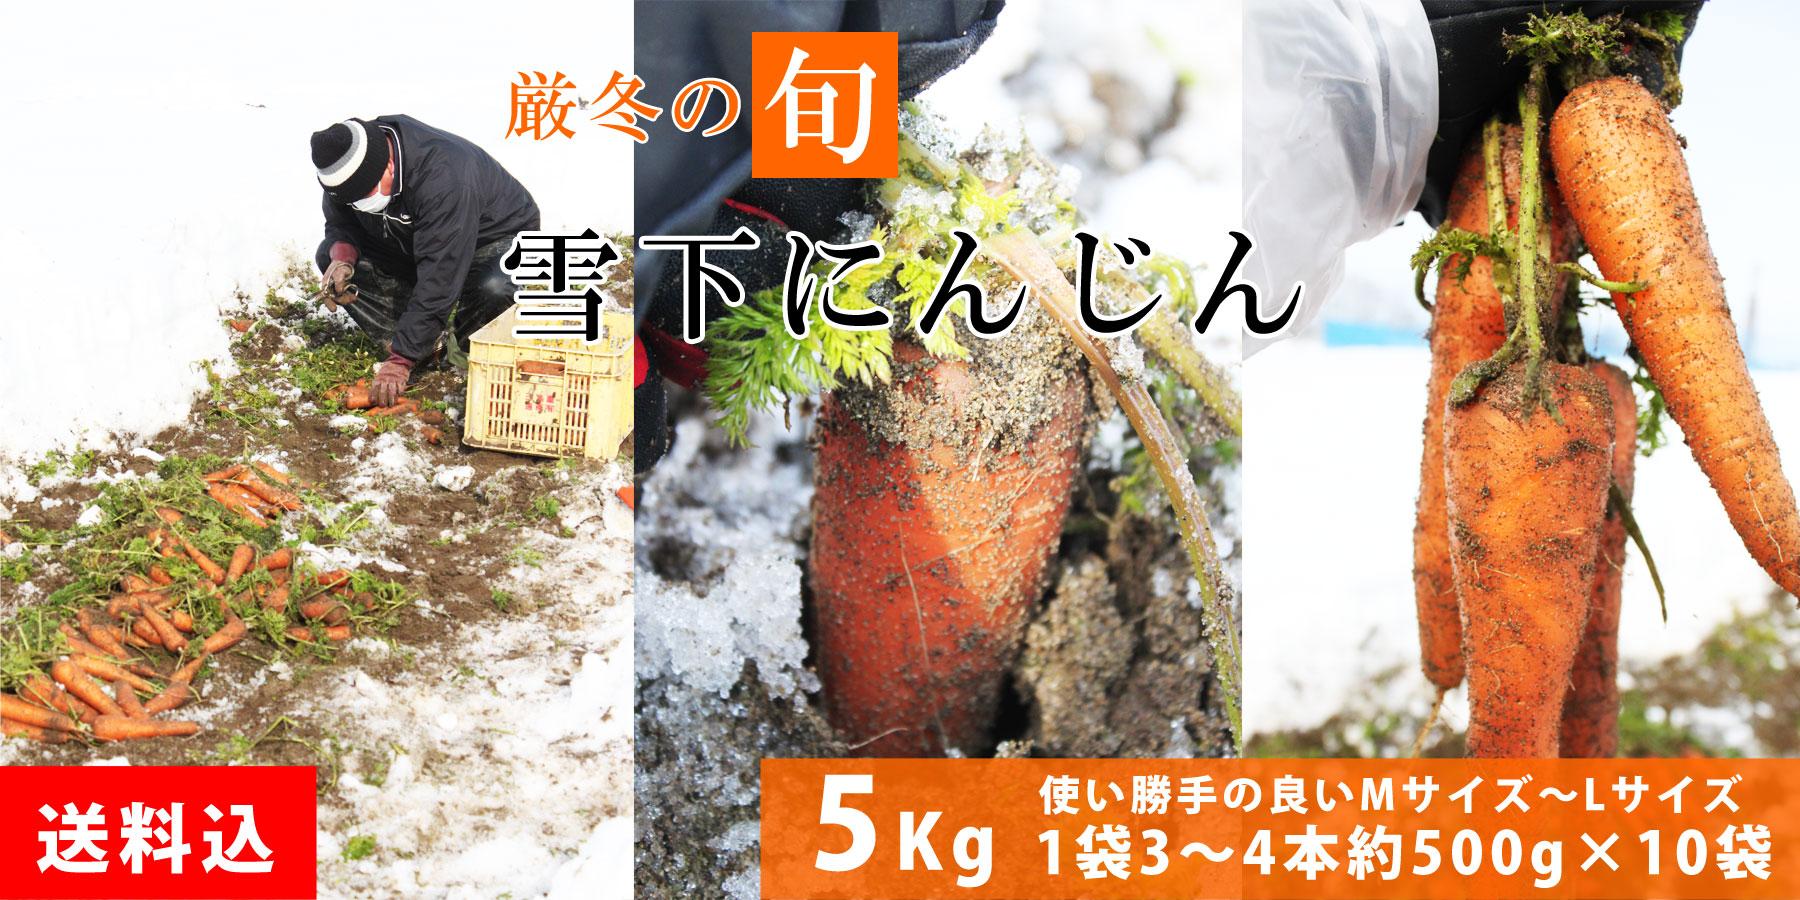 新潟春一番 送料無料!雪下にんじん 5Kg 宅配